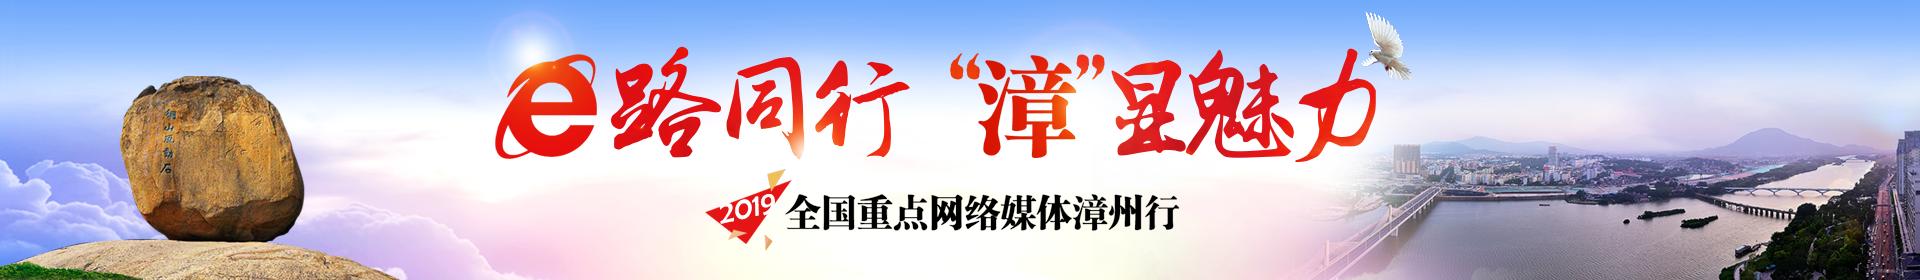 E路同行漳显魅力——2019全国重点网络媒体漳州行